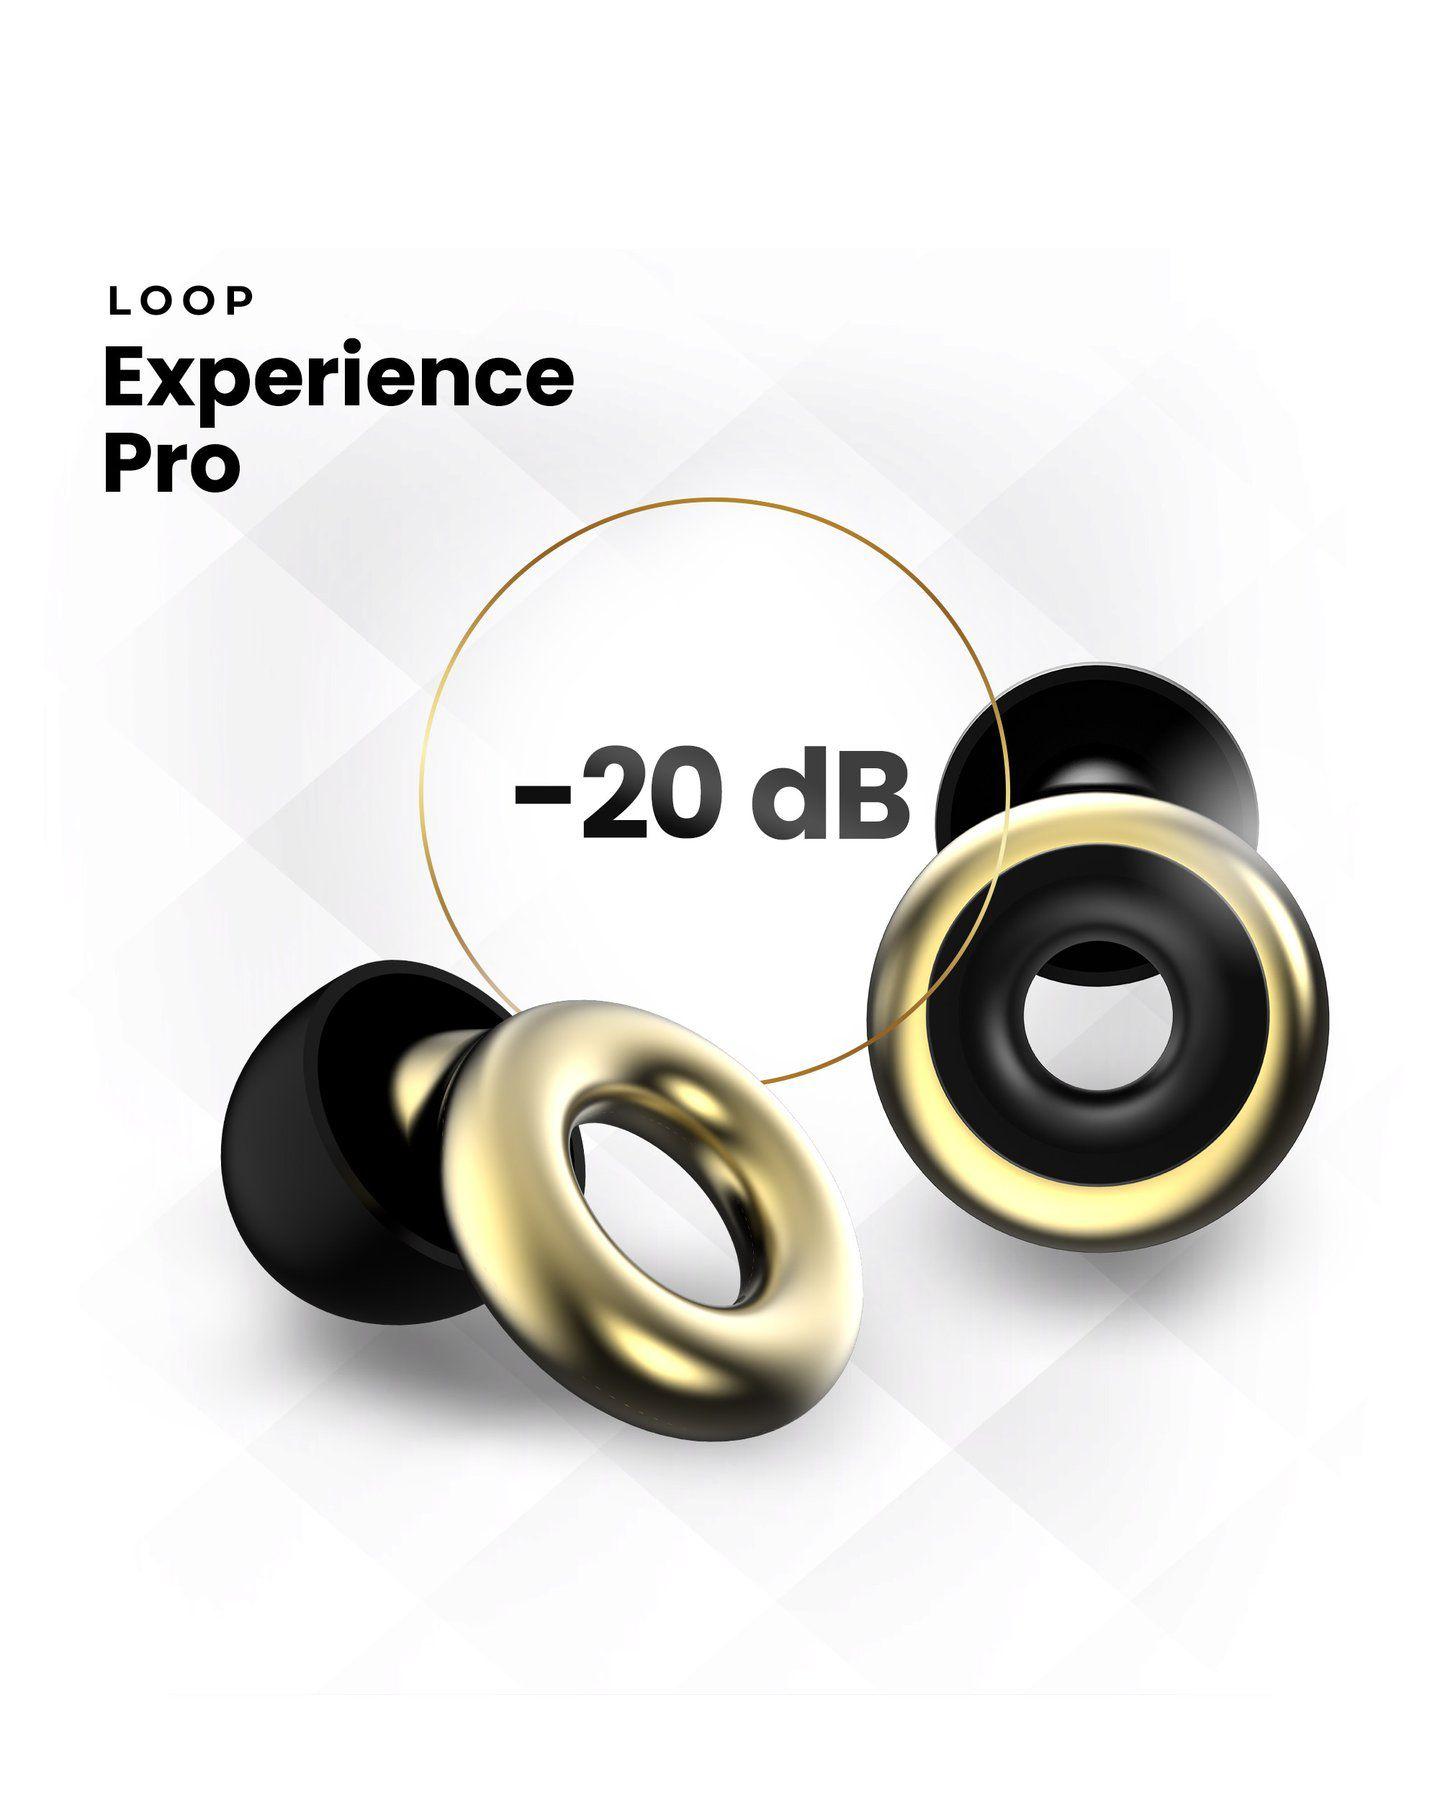 Loop Experience Pro